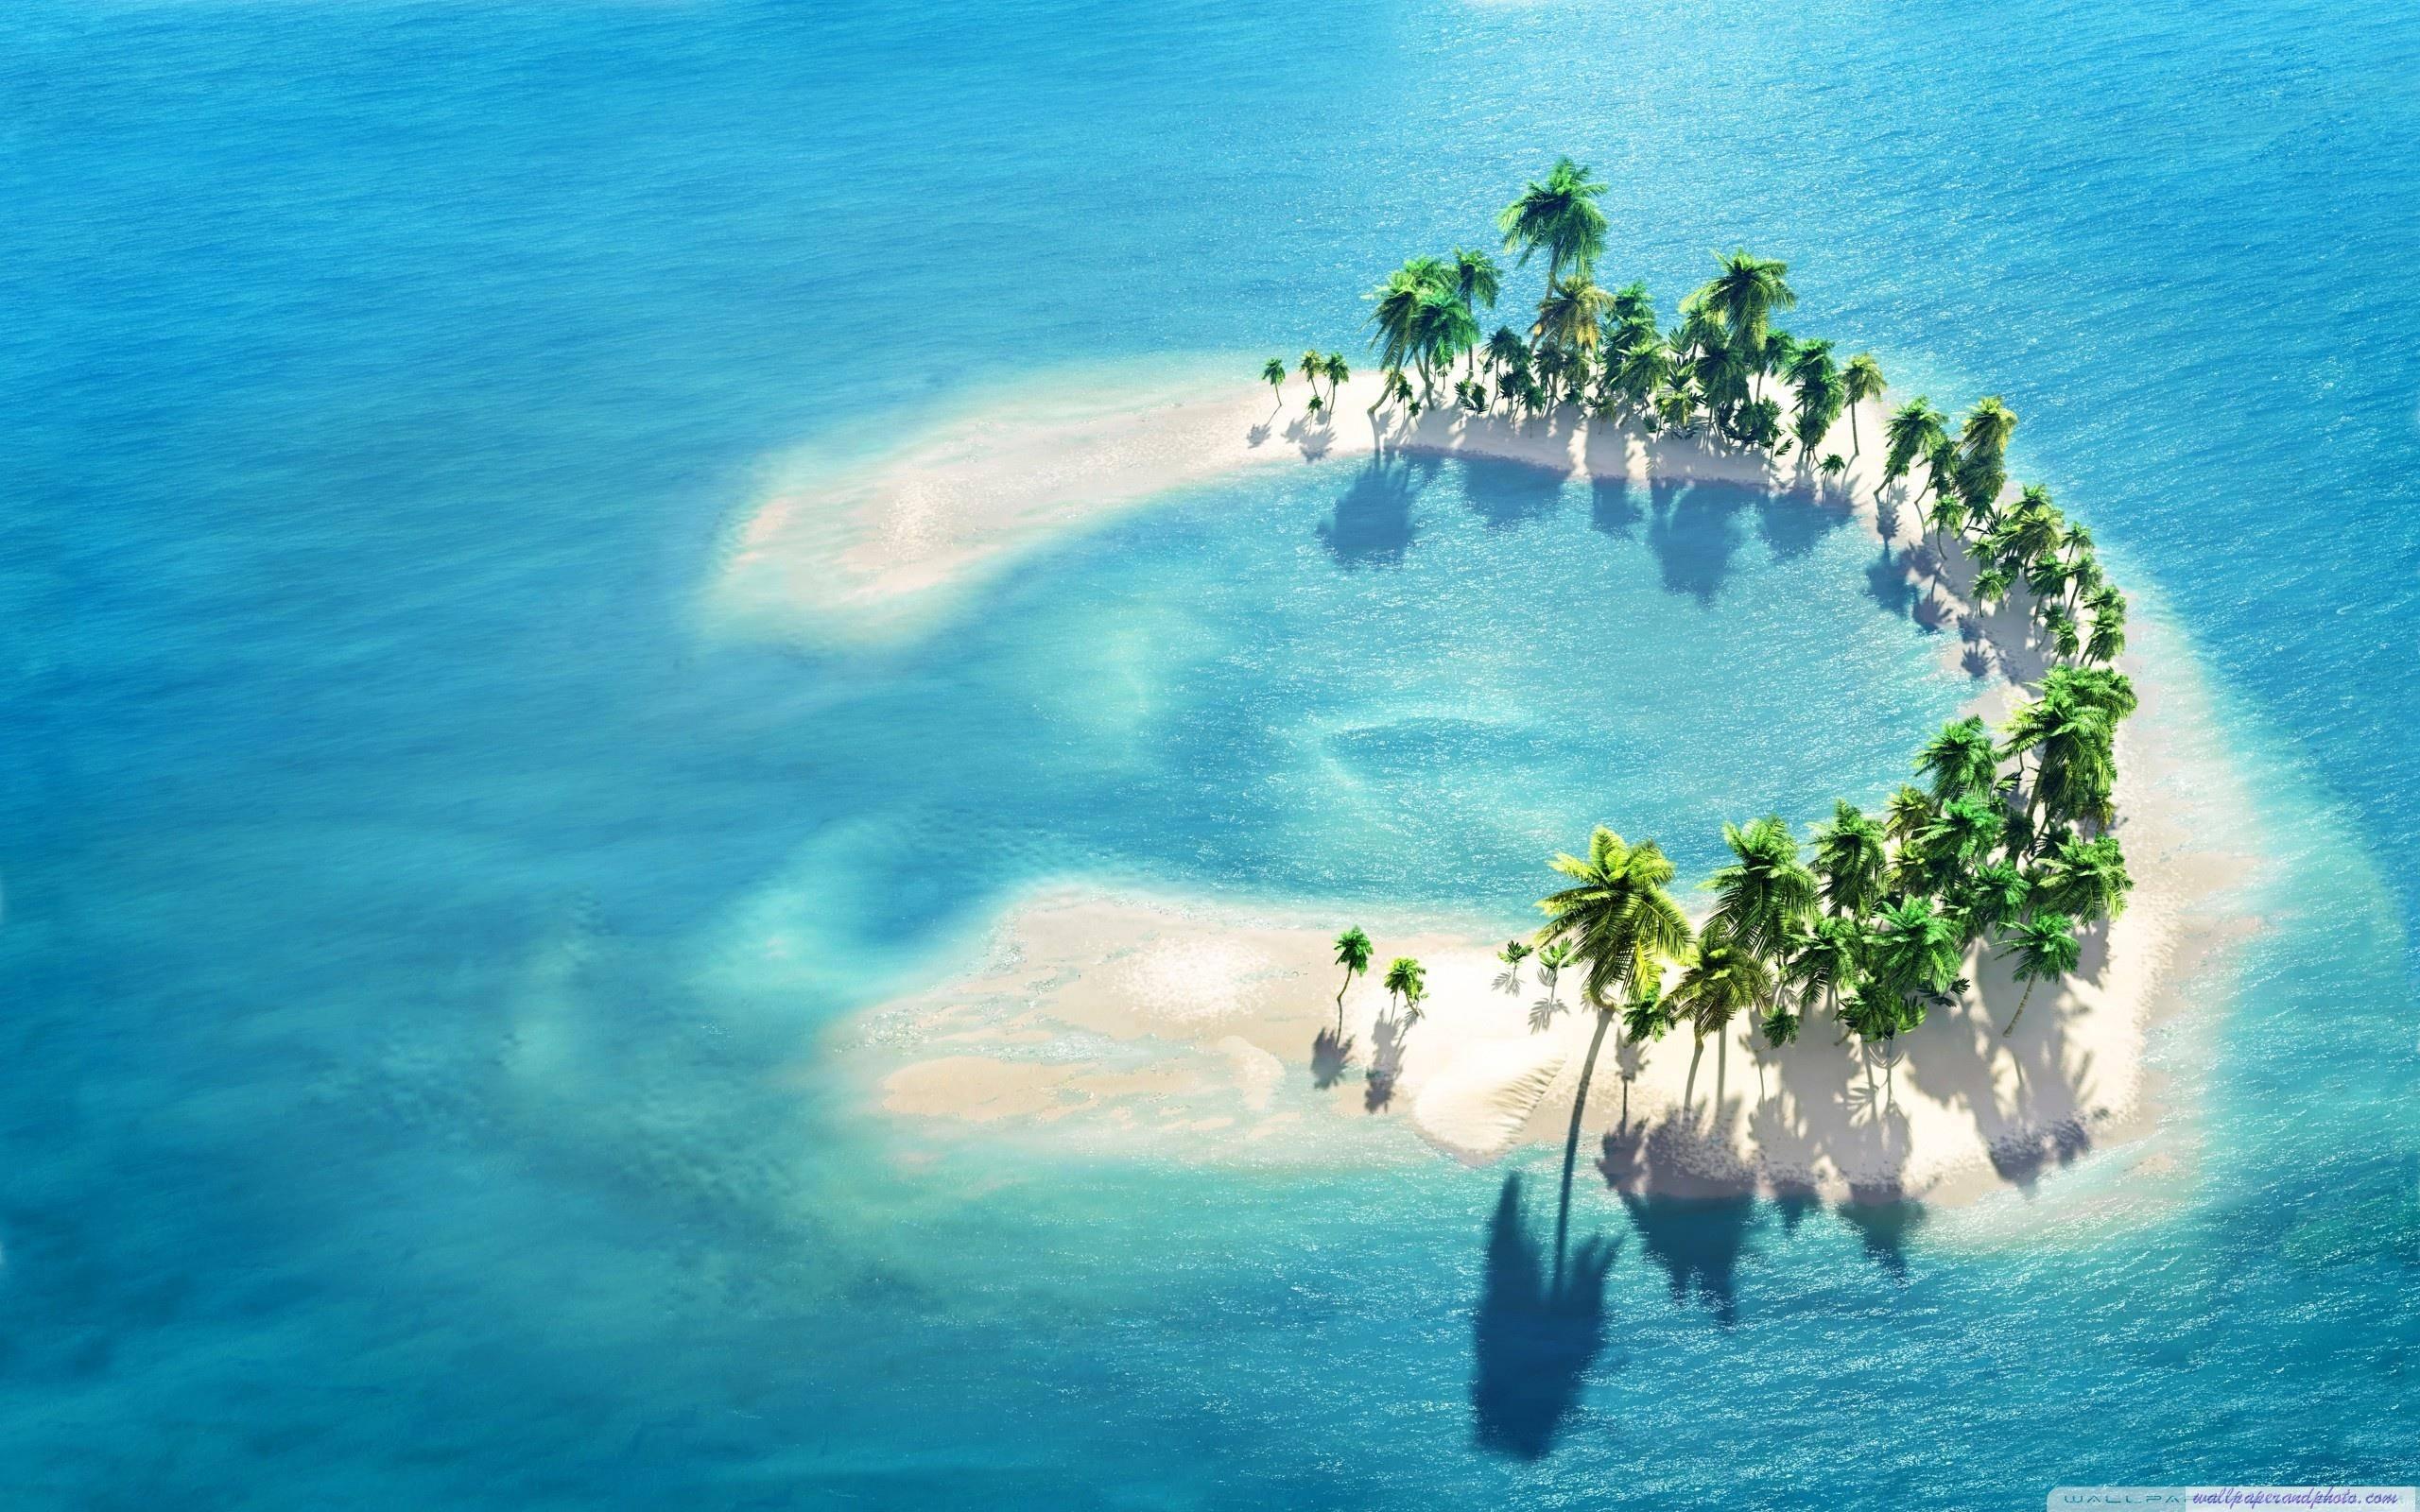 maldives desktop wallpapers 1680x1050 - photo #29